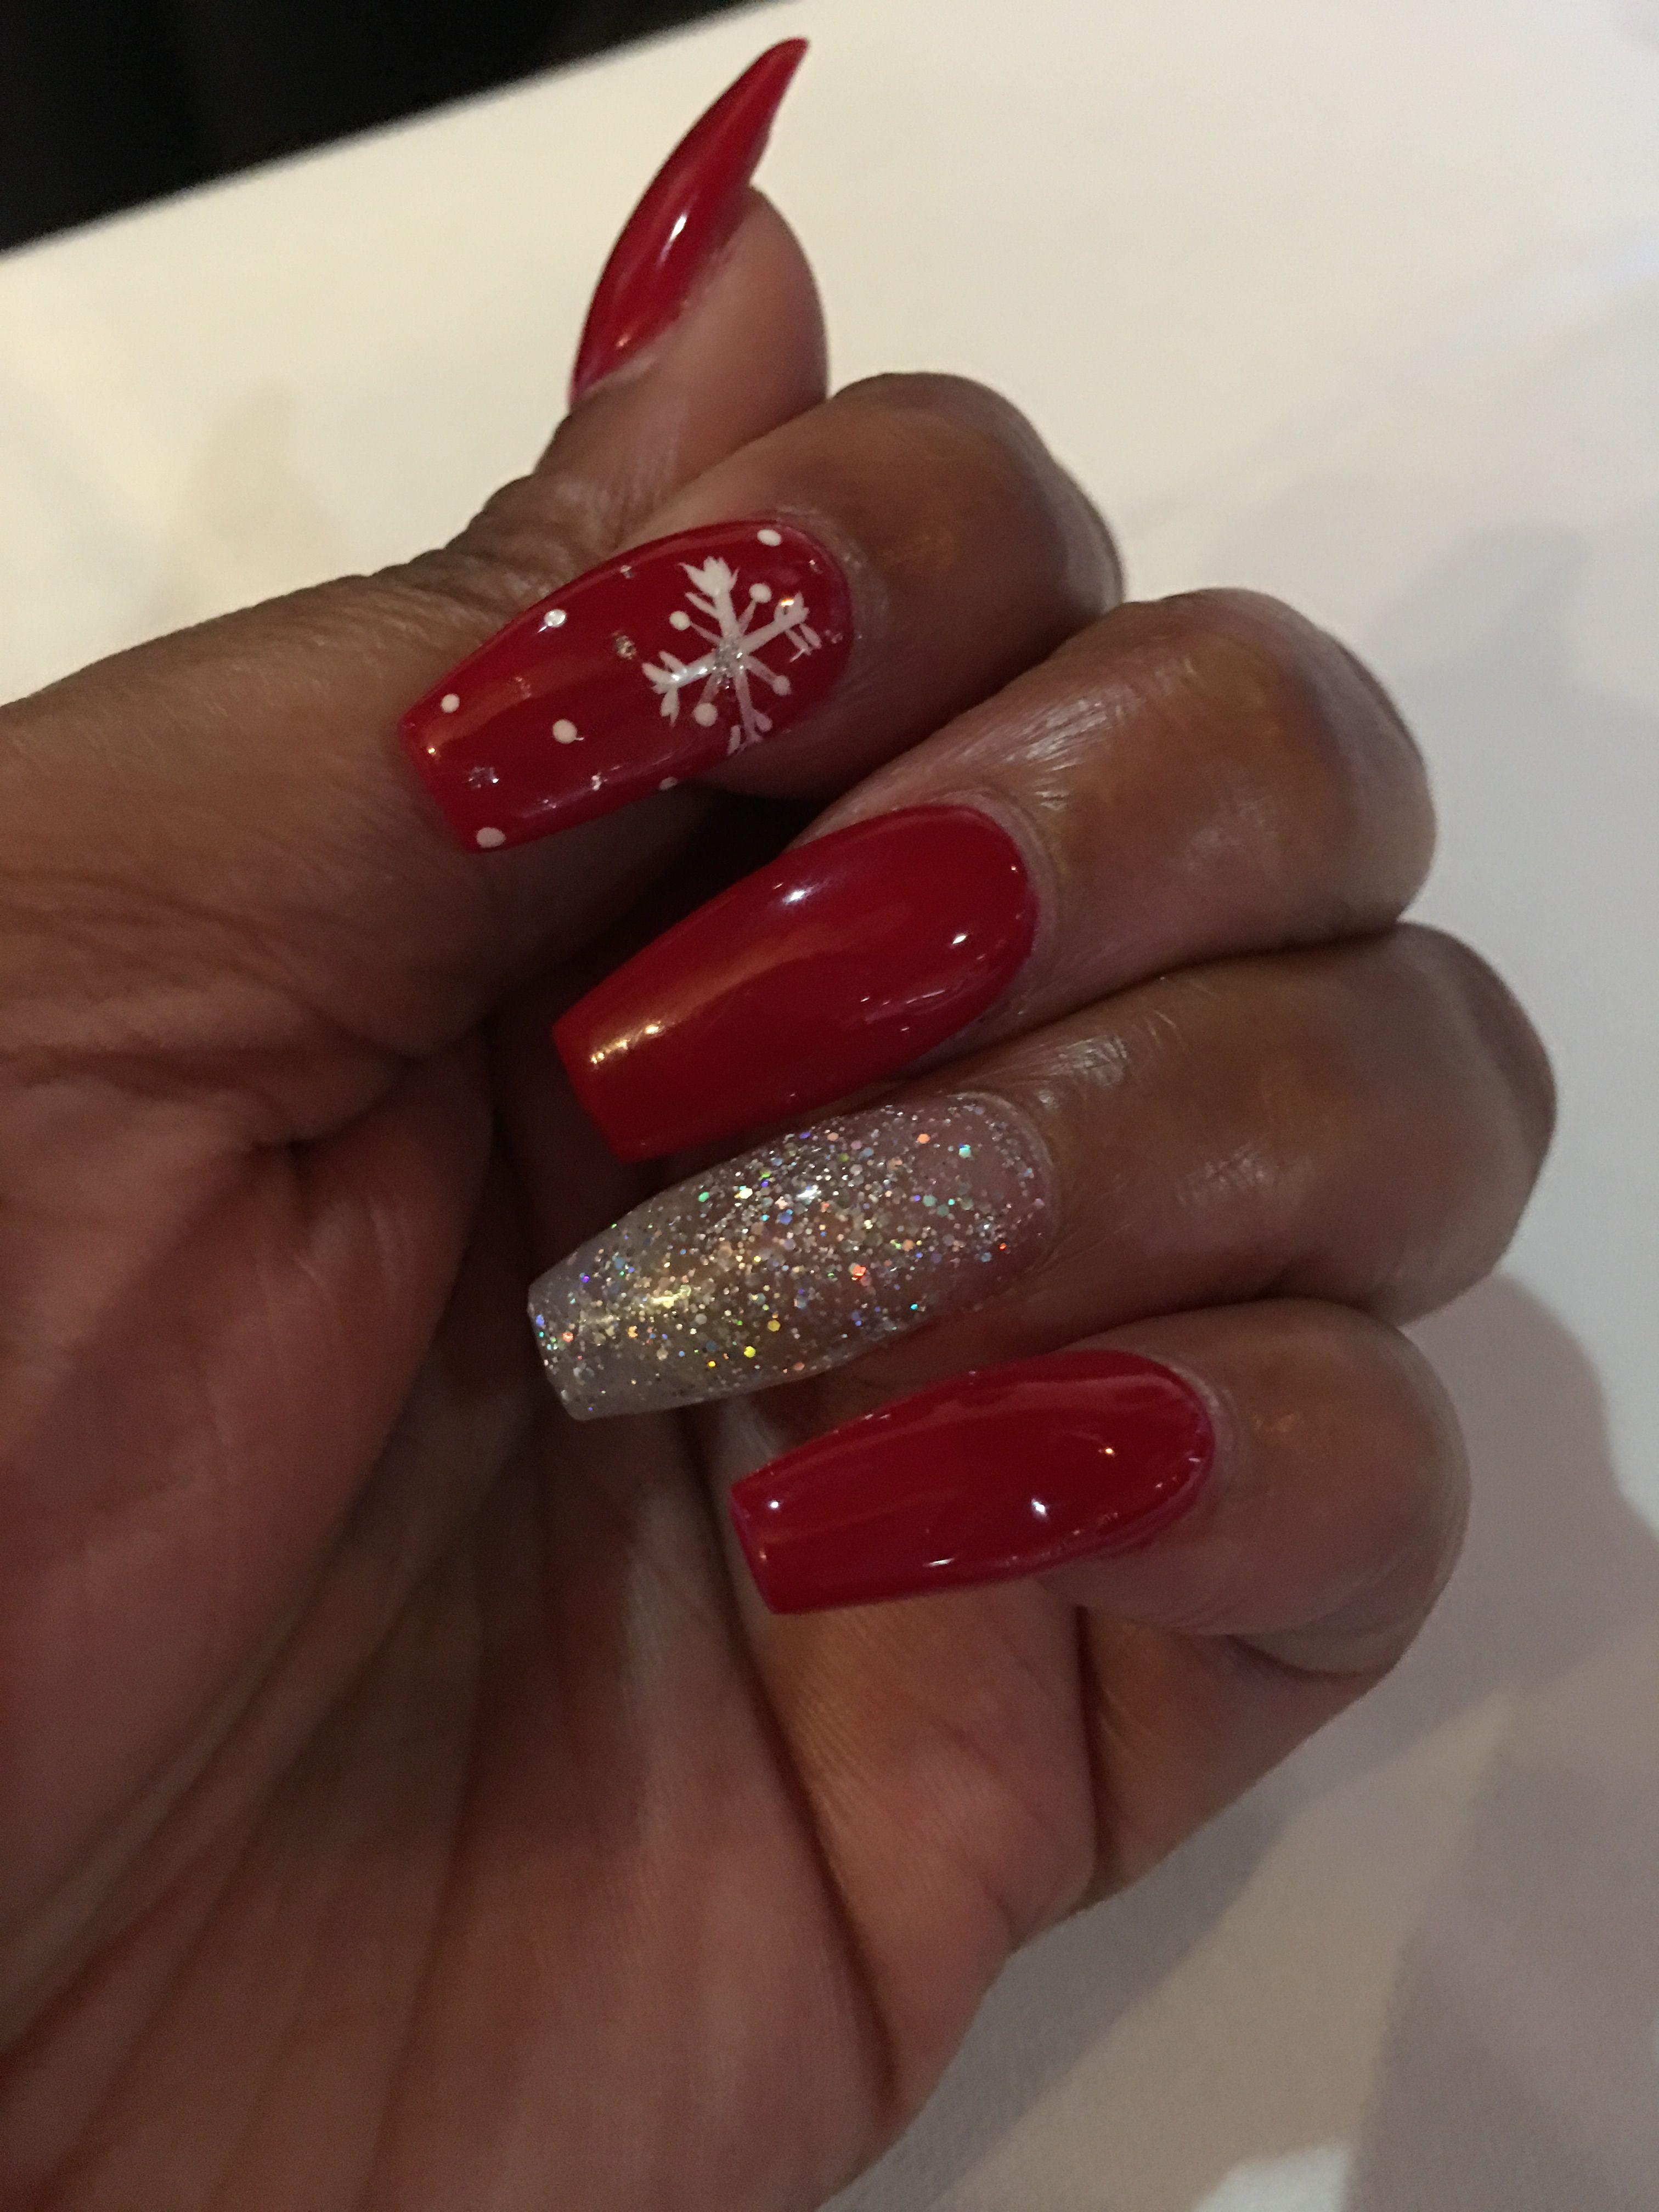 Christmas Nails Nail Designs La Fingernail And Toes Journal